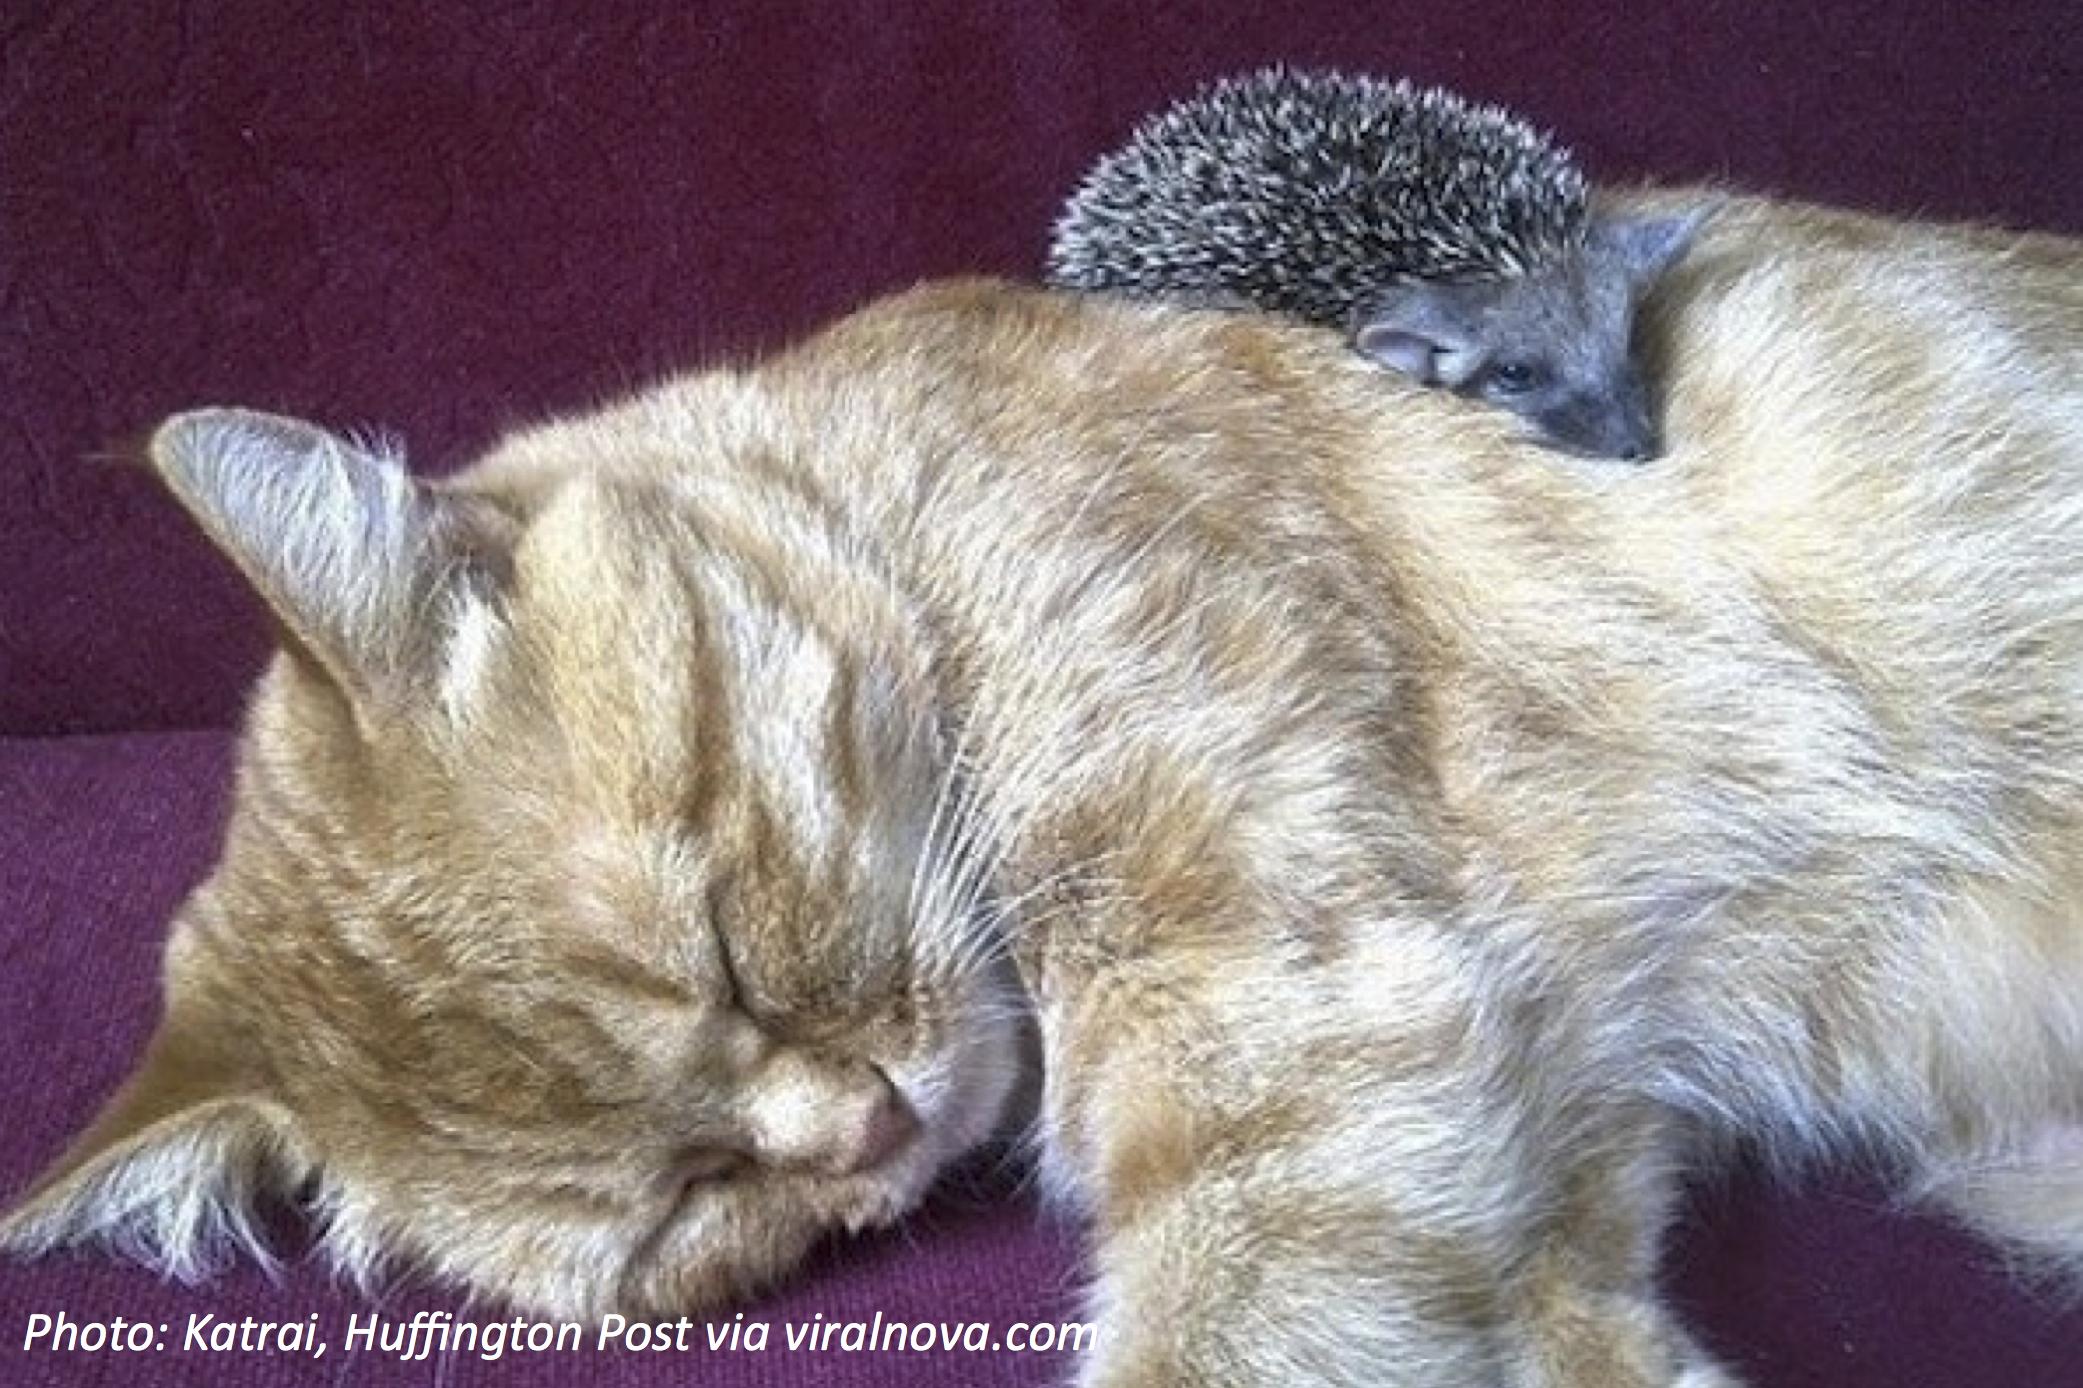 A Very Prickly Family